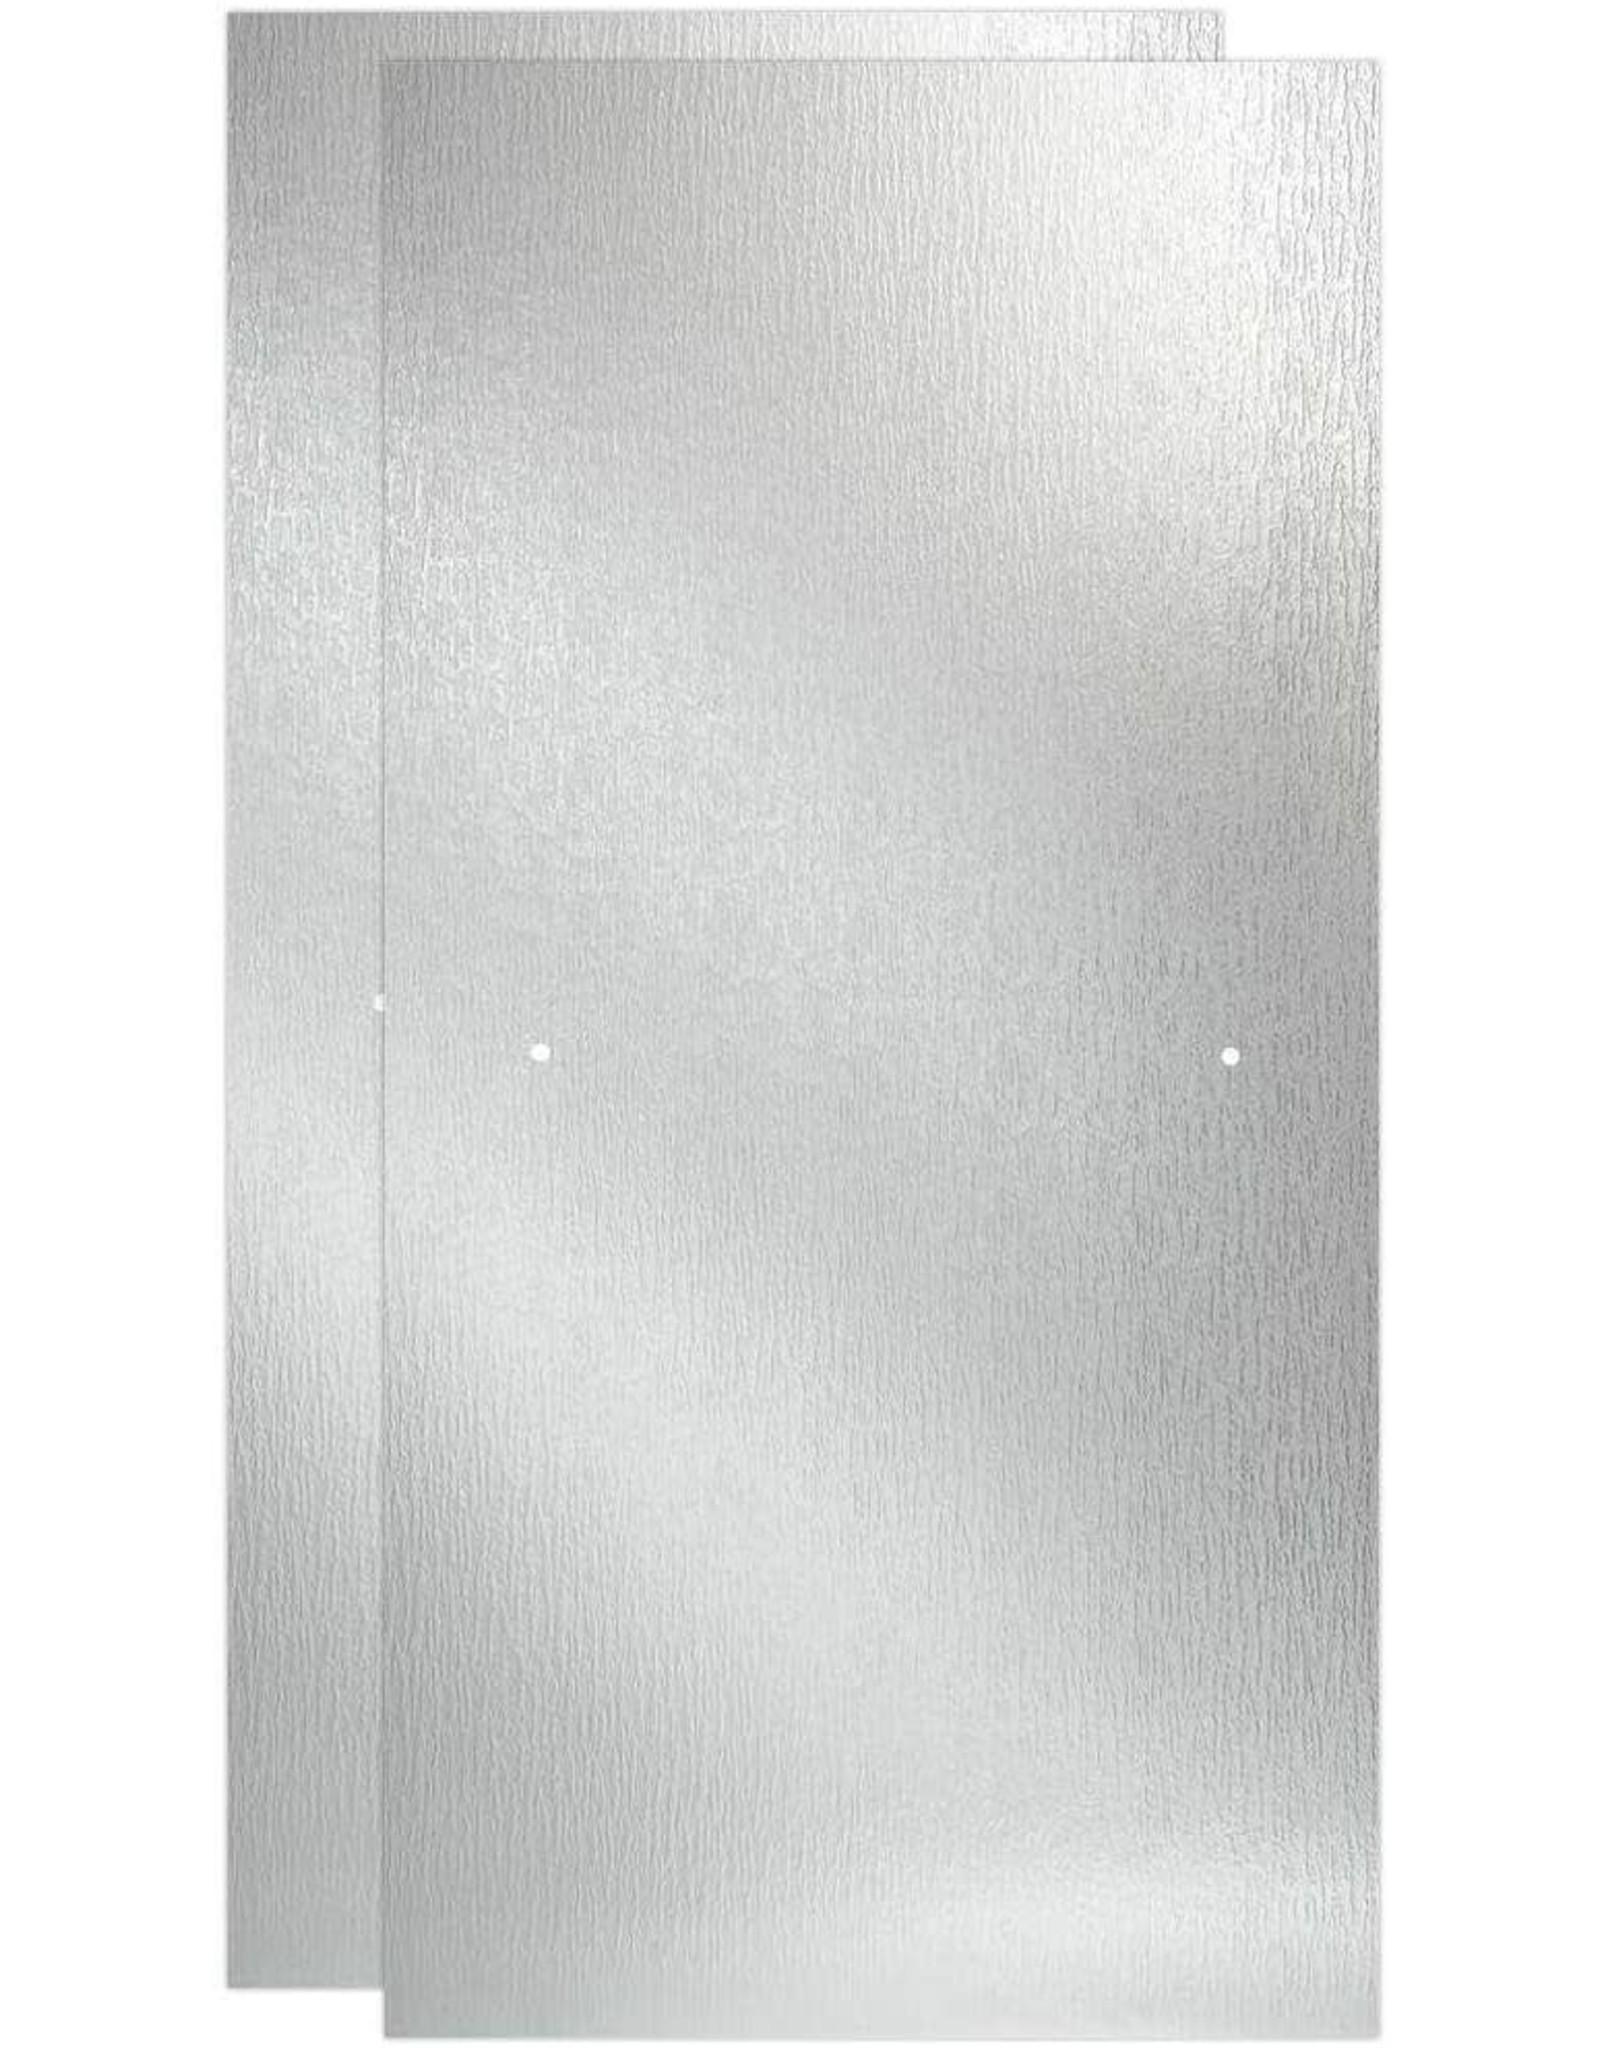 Delta 60 in. x 67 in. Sliding Shower Door Glass Panel in Rain